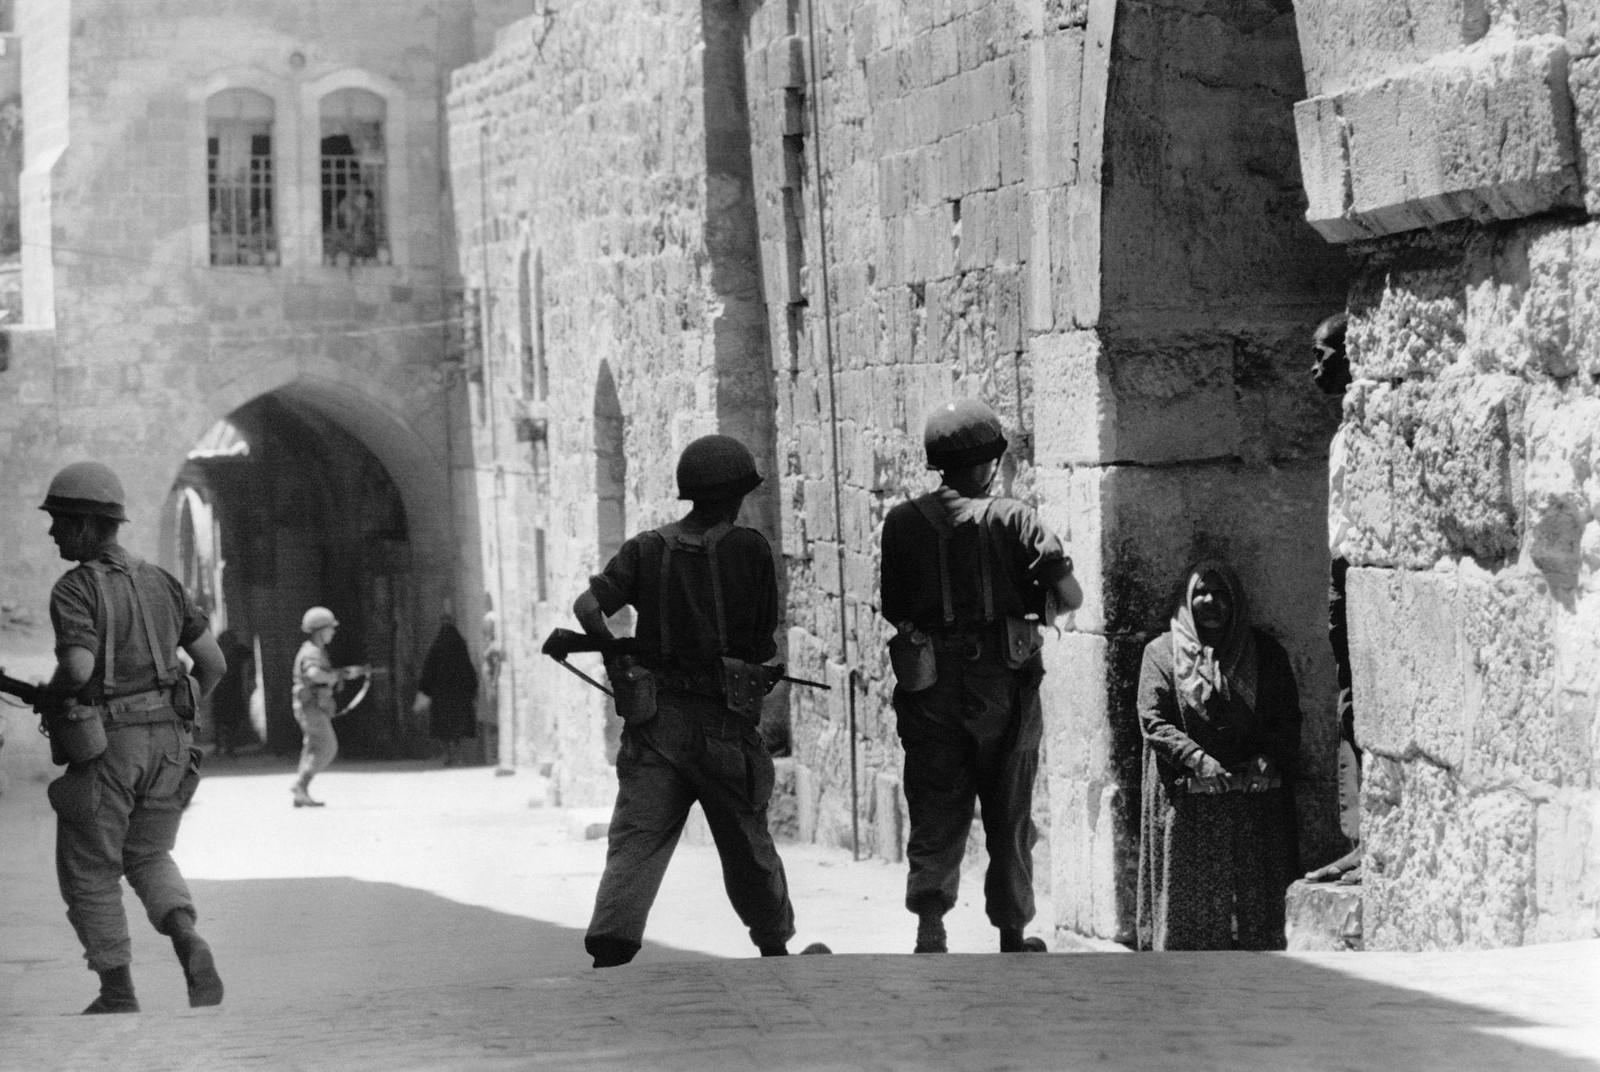 12. Израильские солдаты патрулируют улицы Иерусалима во время протестов после сожжения мечети Аль-Акса 21 августа